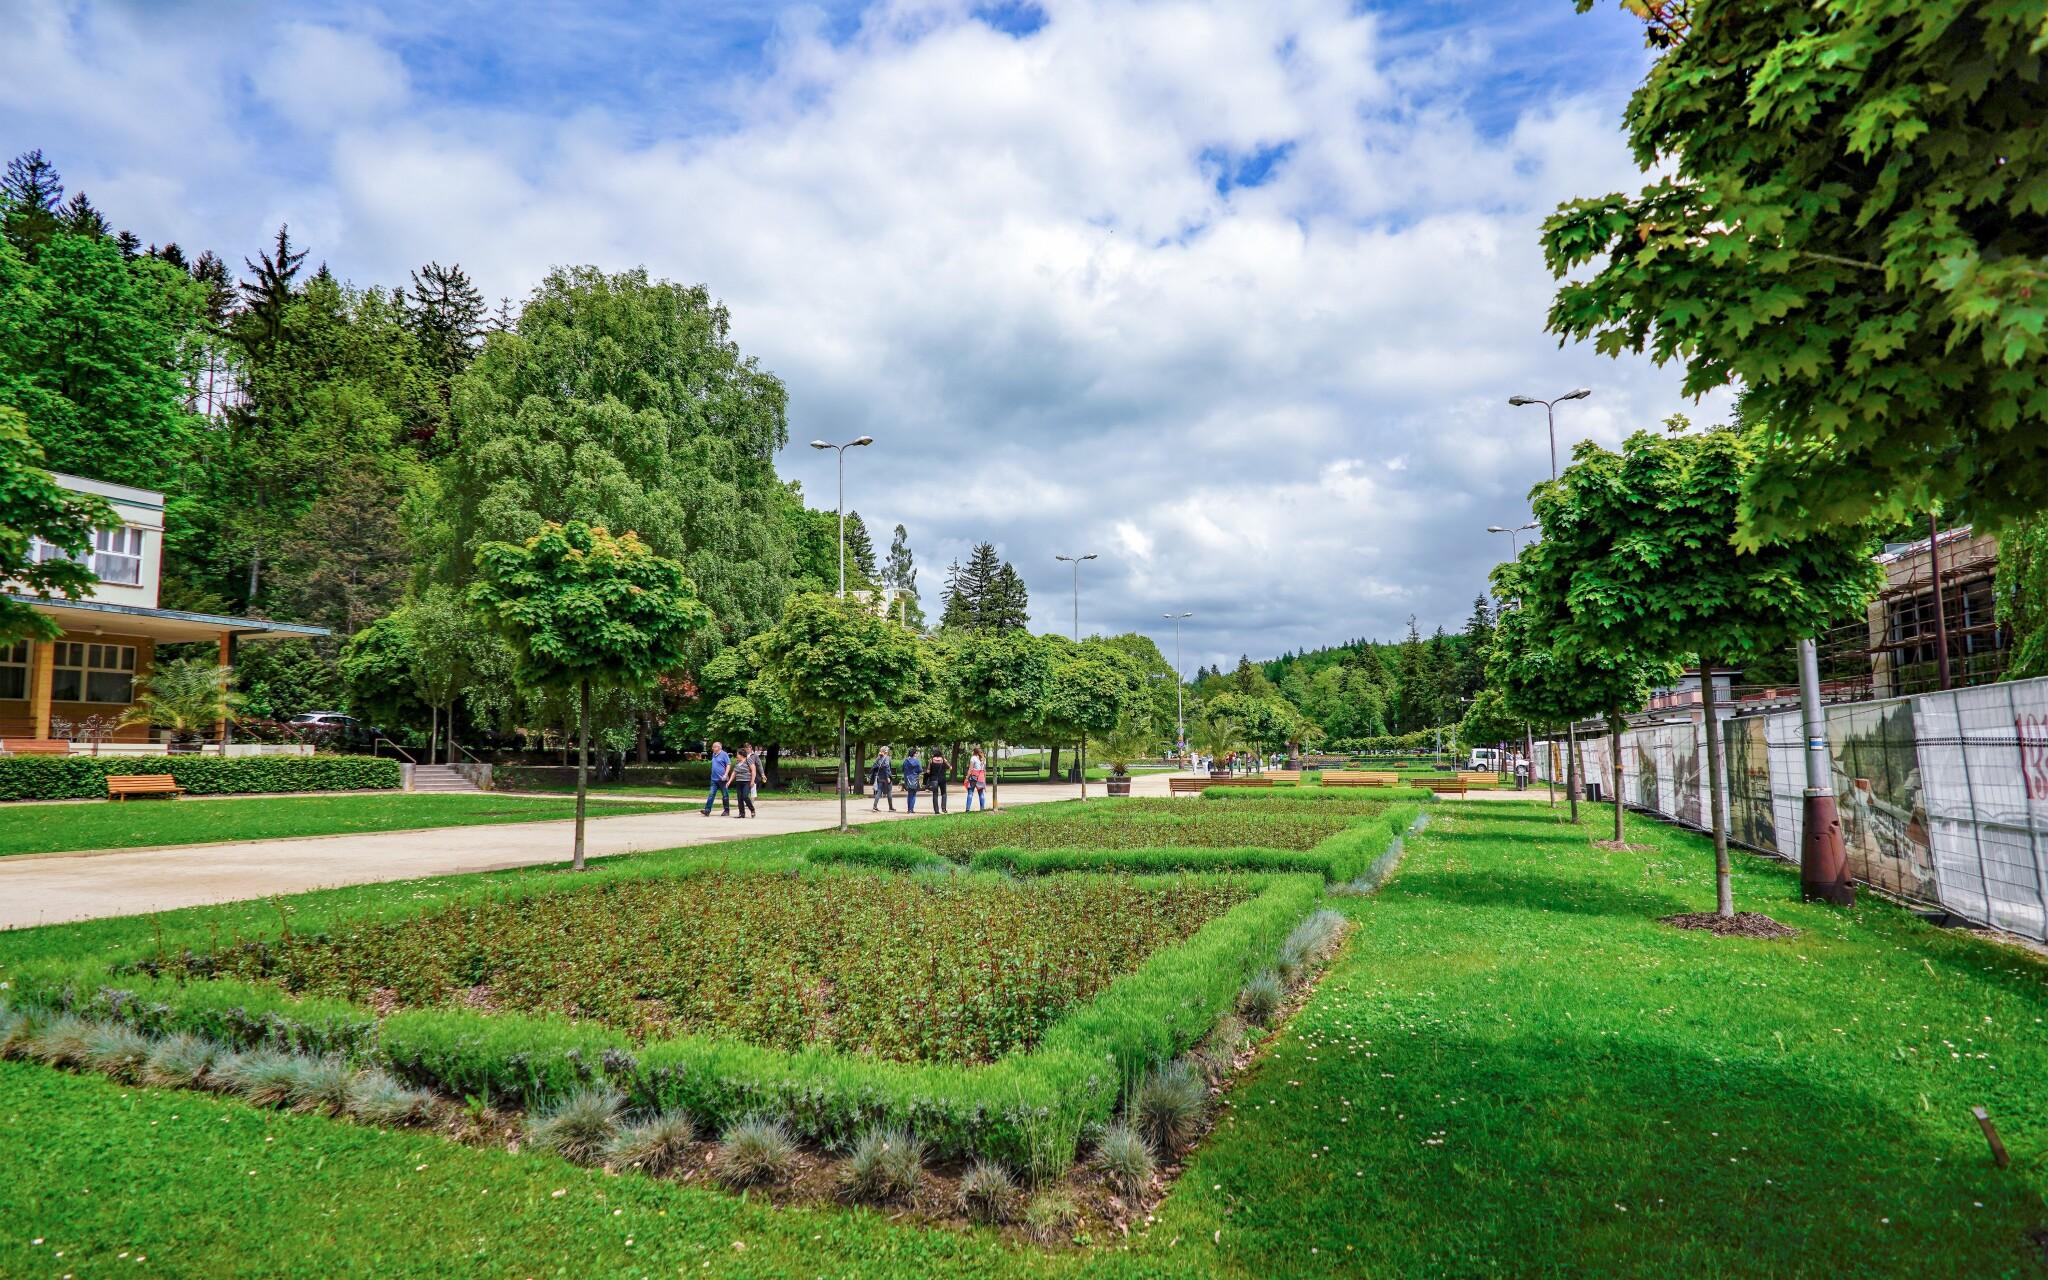 Kúpeľný park v krásnych Luhačoviciach